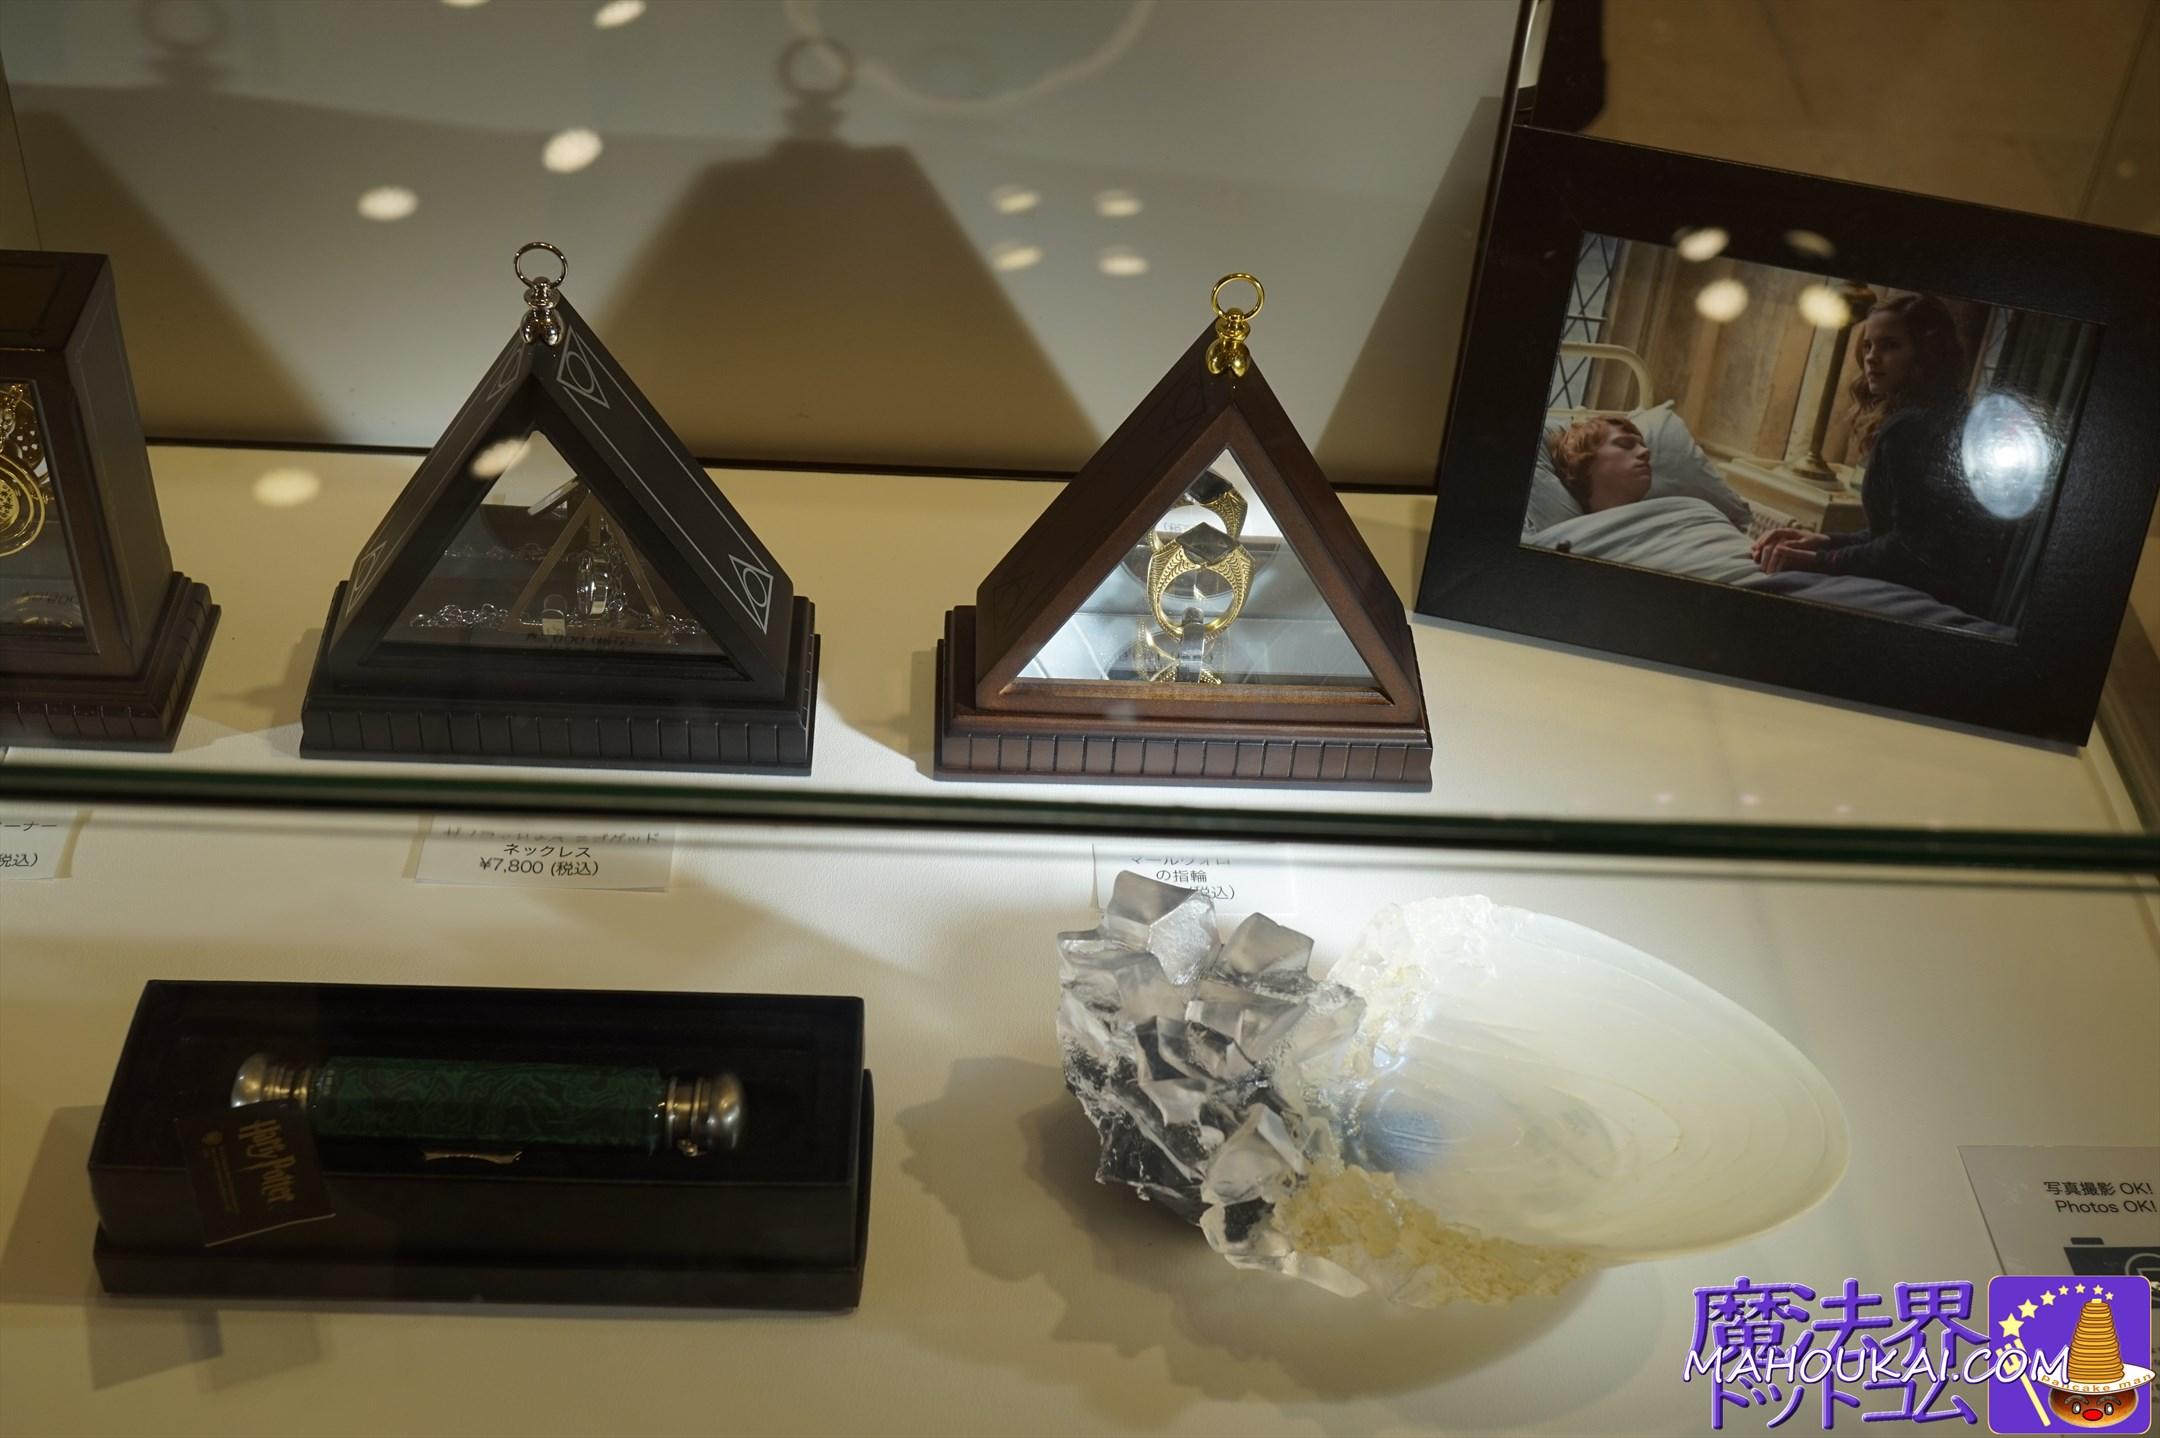 ノーブルコレクション ウィーザーディング・ワールド・ベストグッズコレクション(ウィザコレ)大丸梅田店